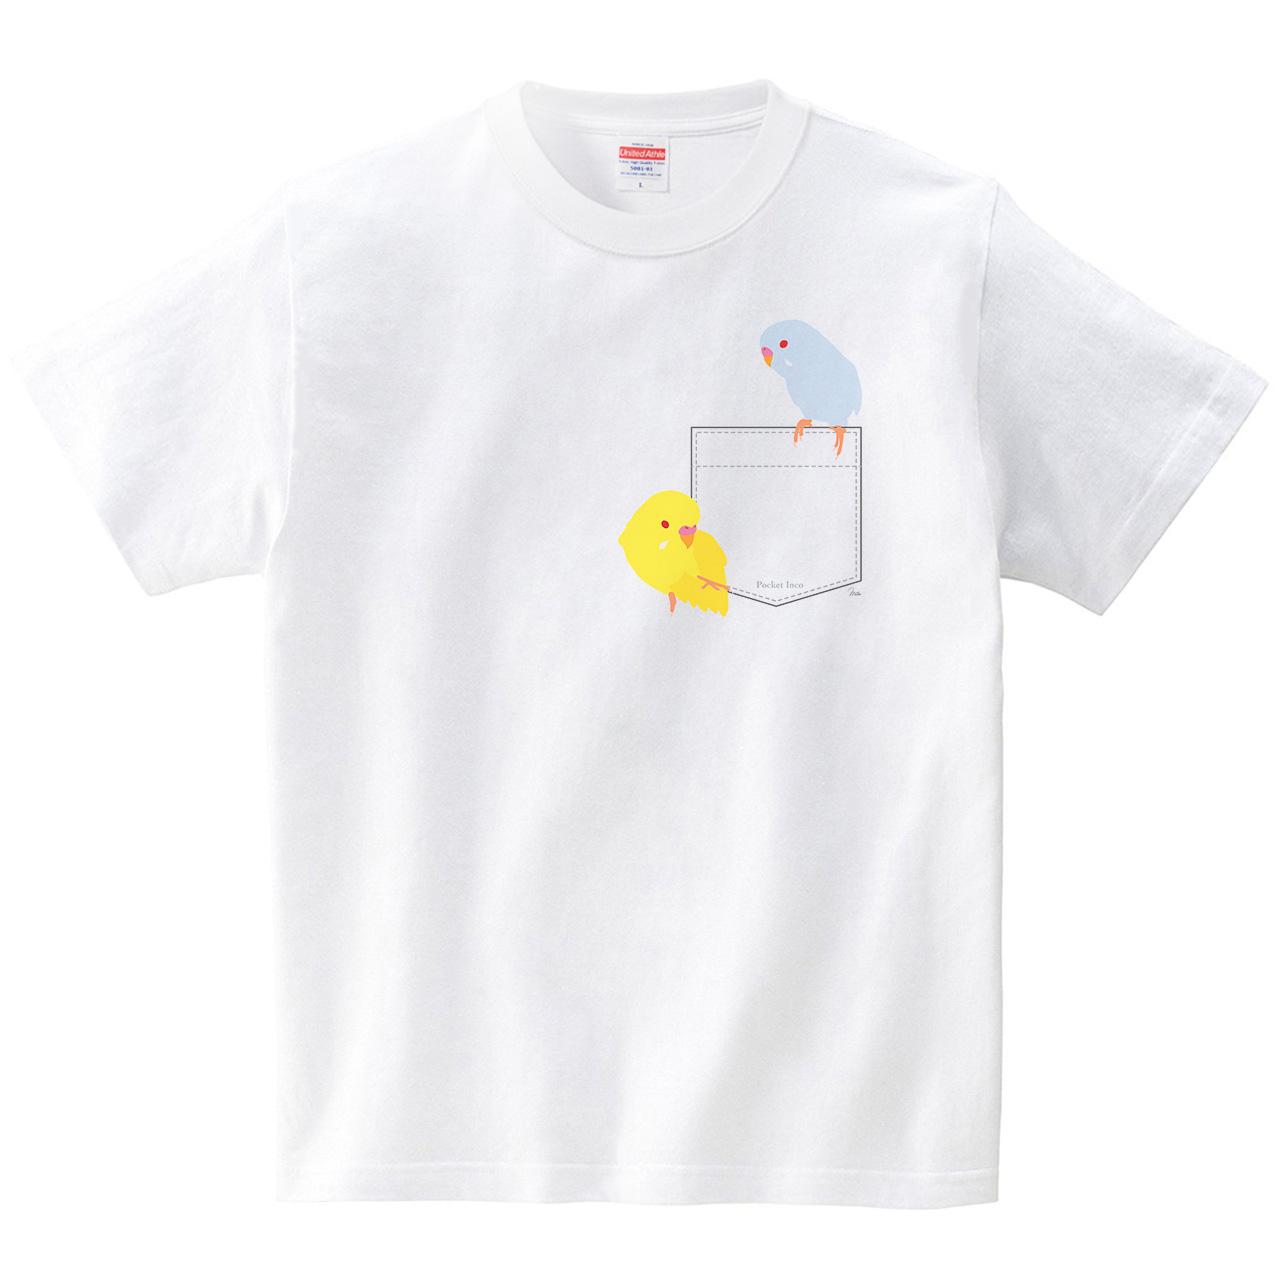 ぽけインコFun(Pocket Inco Fun)アルビノ&ルチノー(Tシャツ・ホワイト)(イシイミホ)